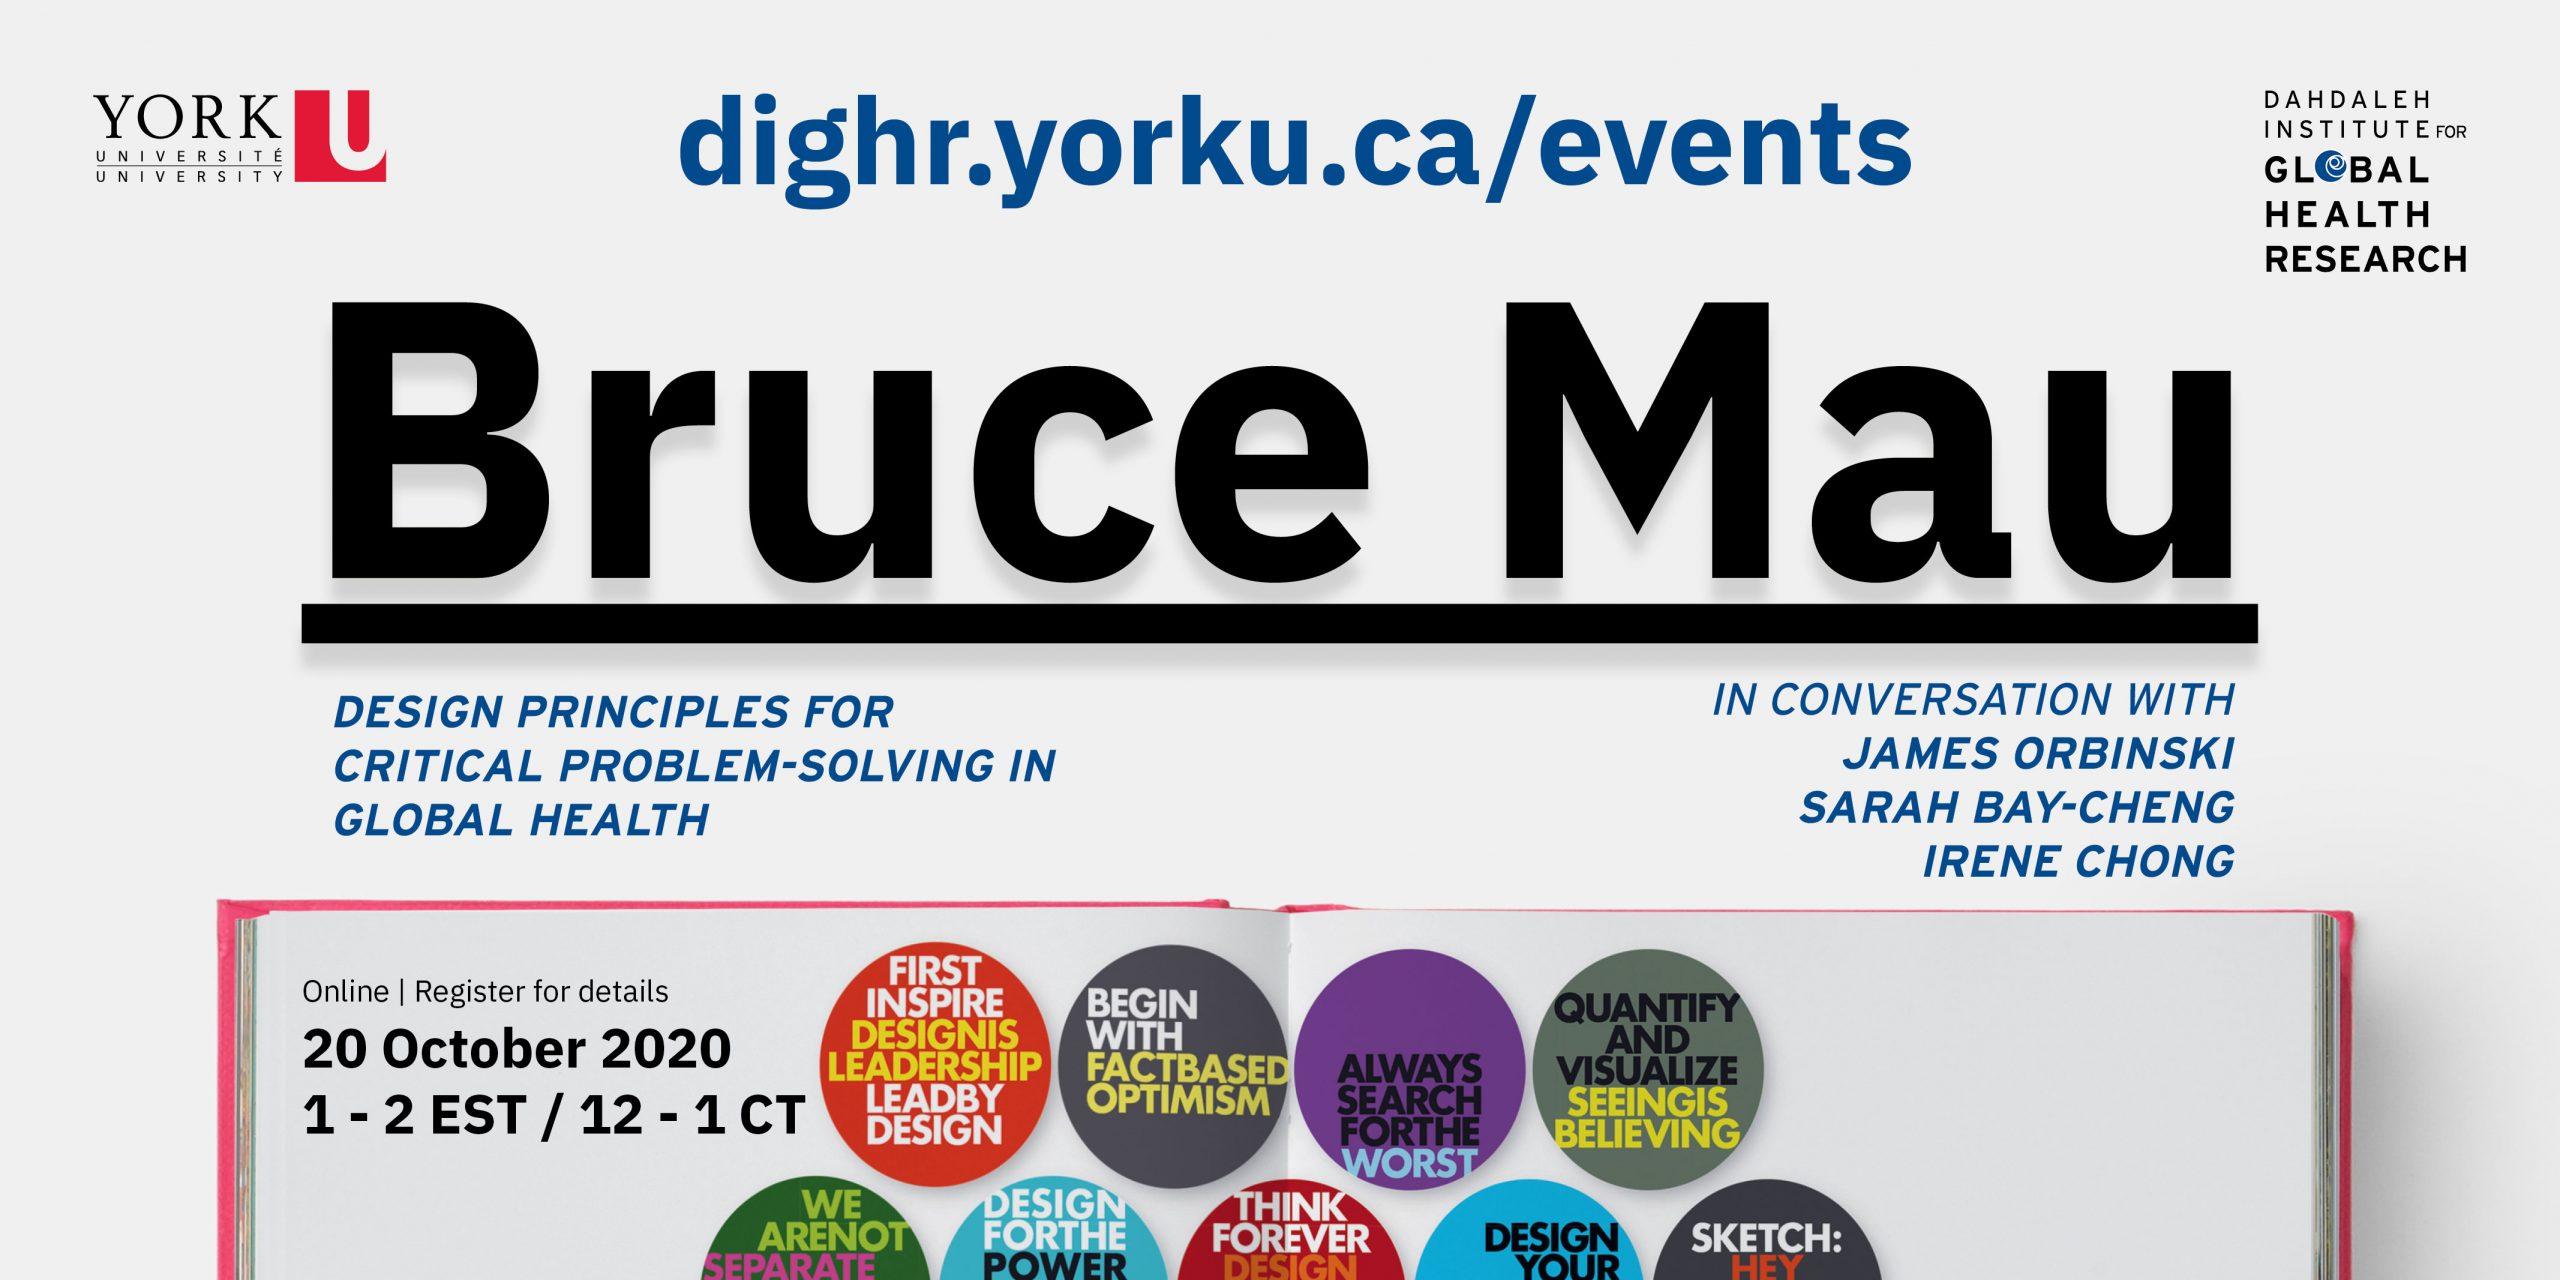 Bruce Mau event